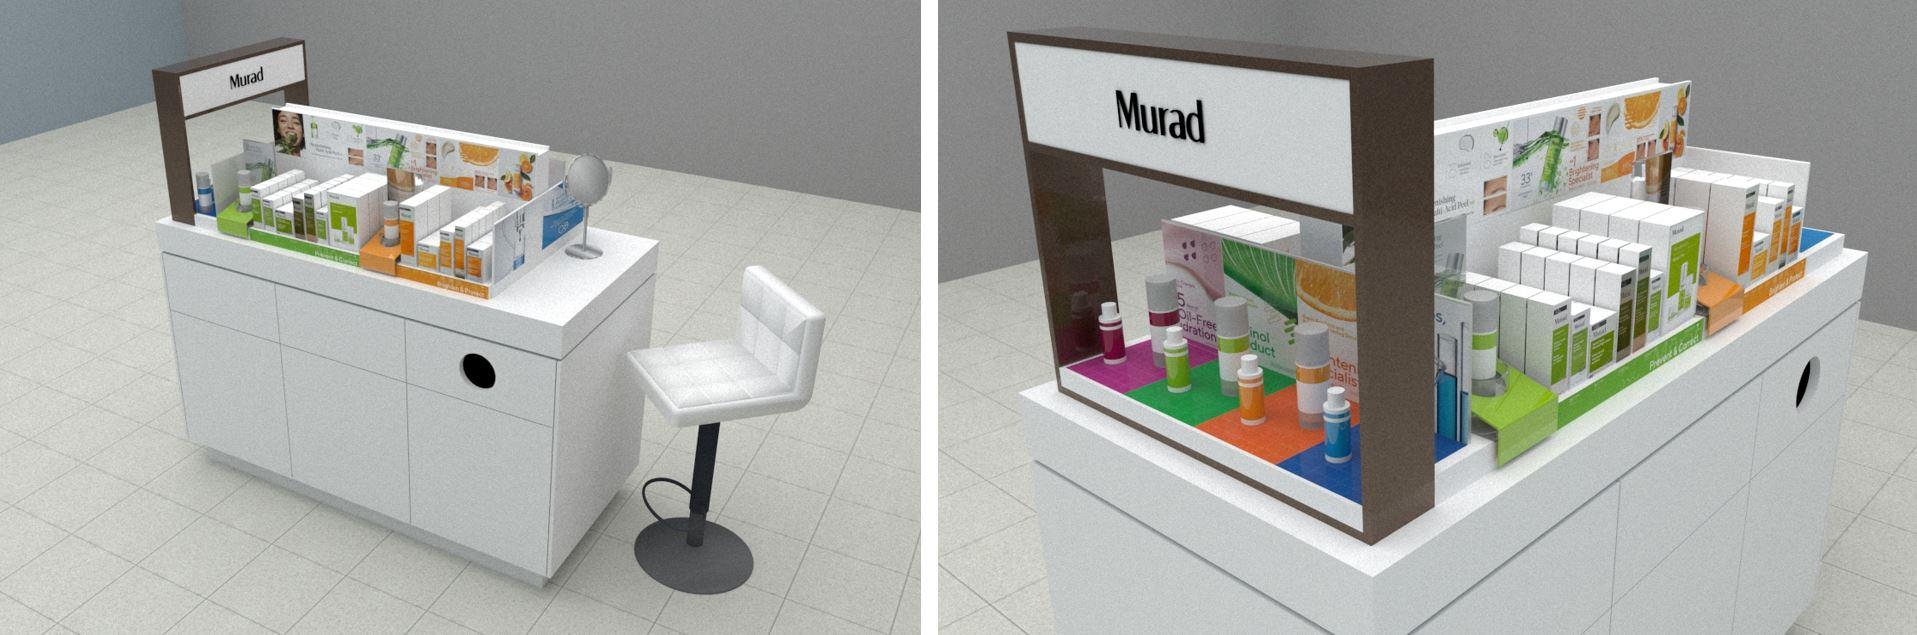 Murad Arnotts 4